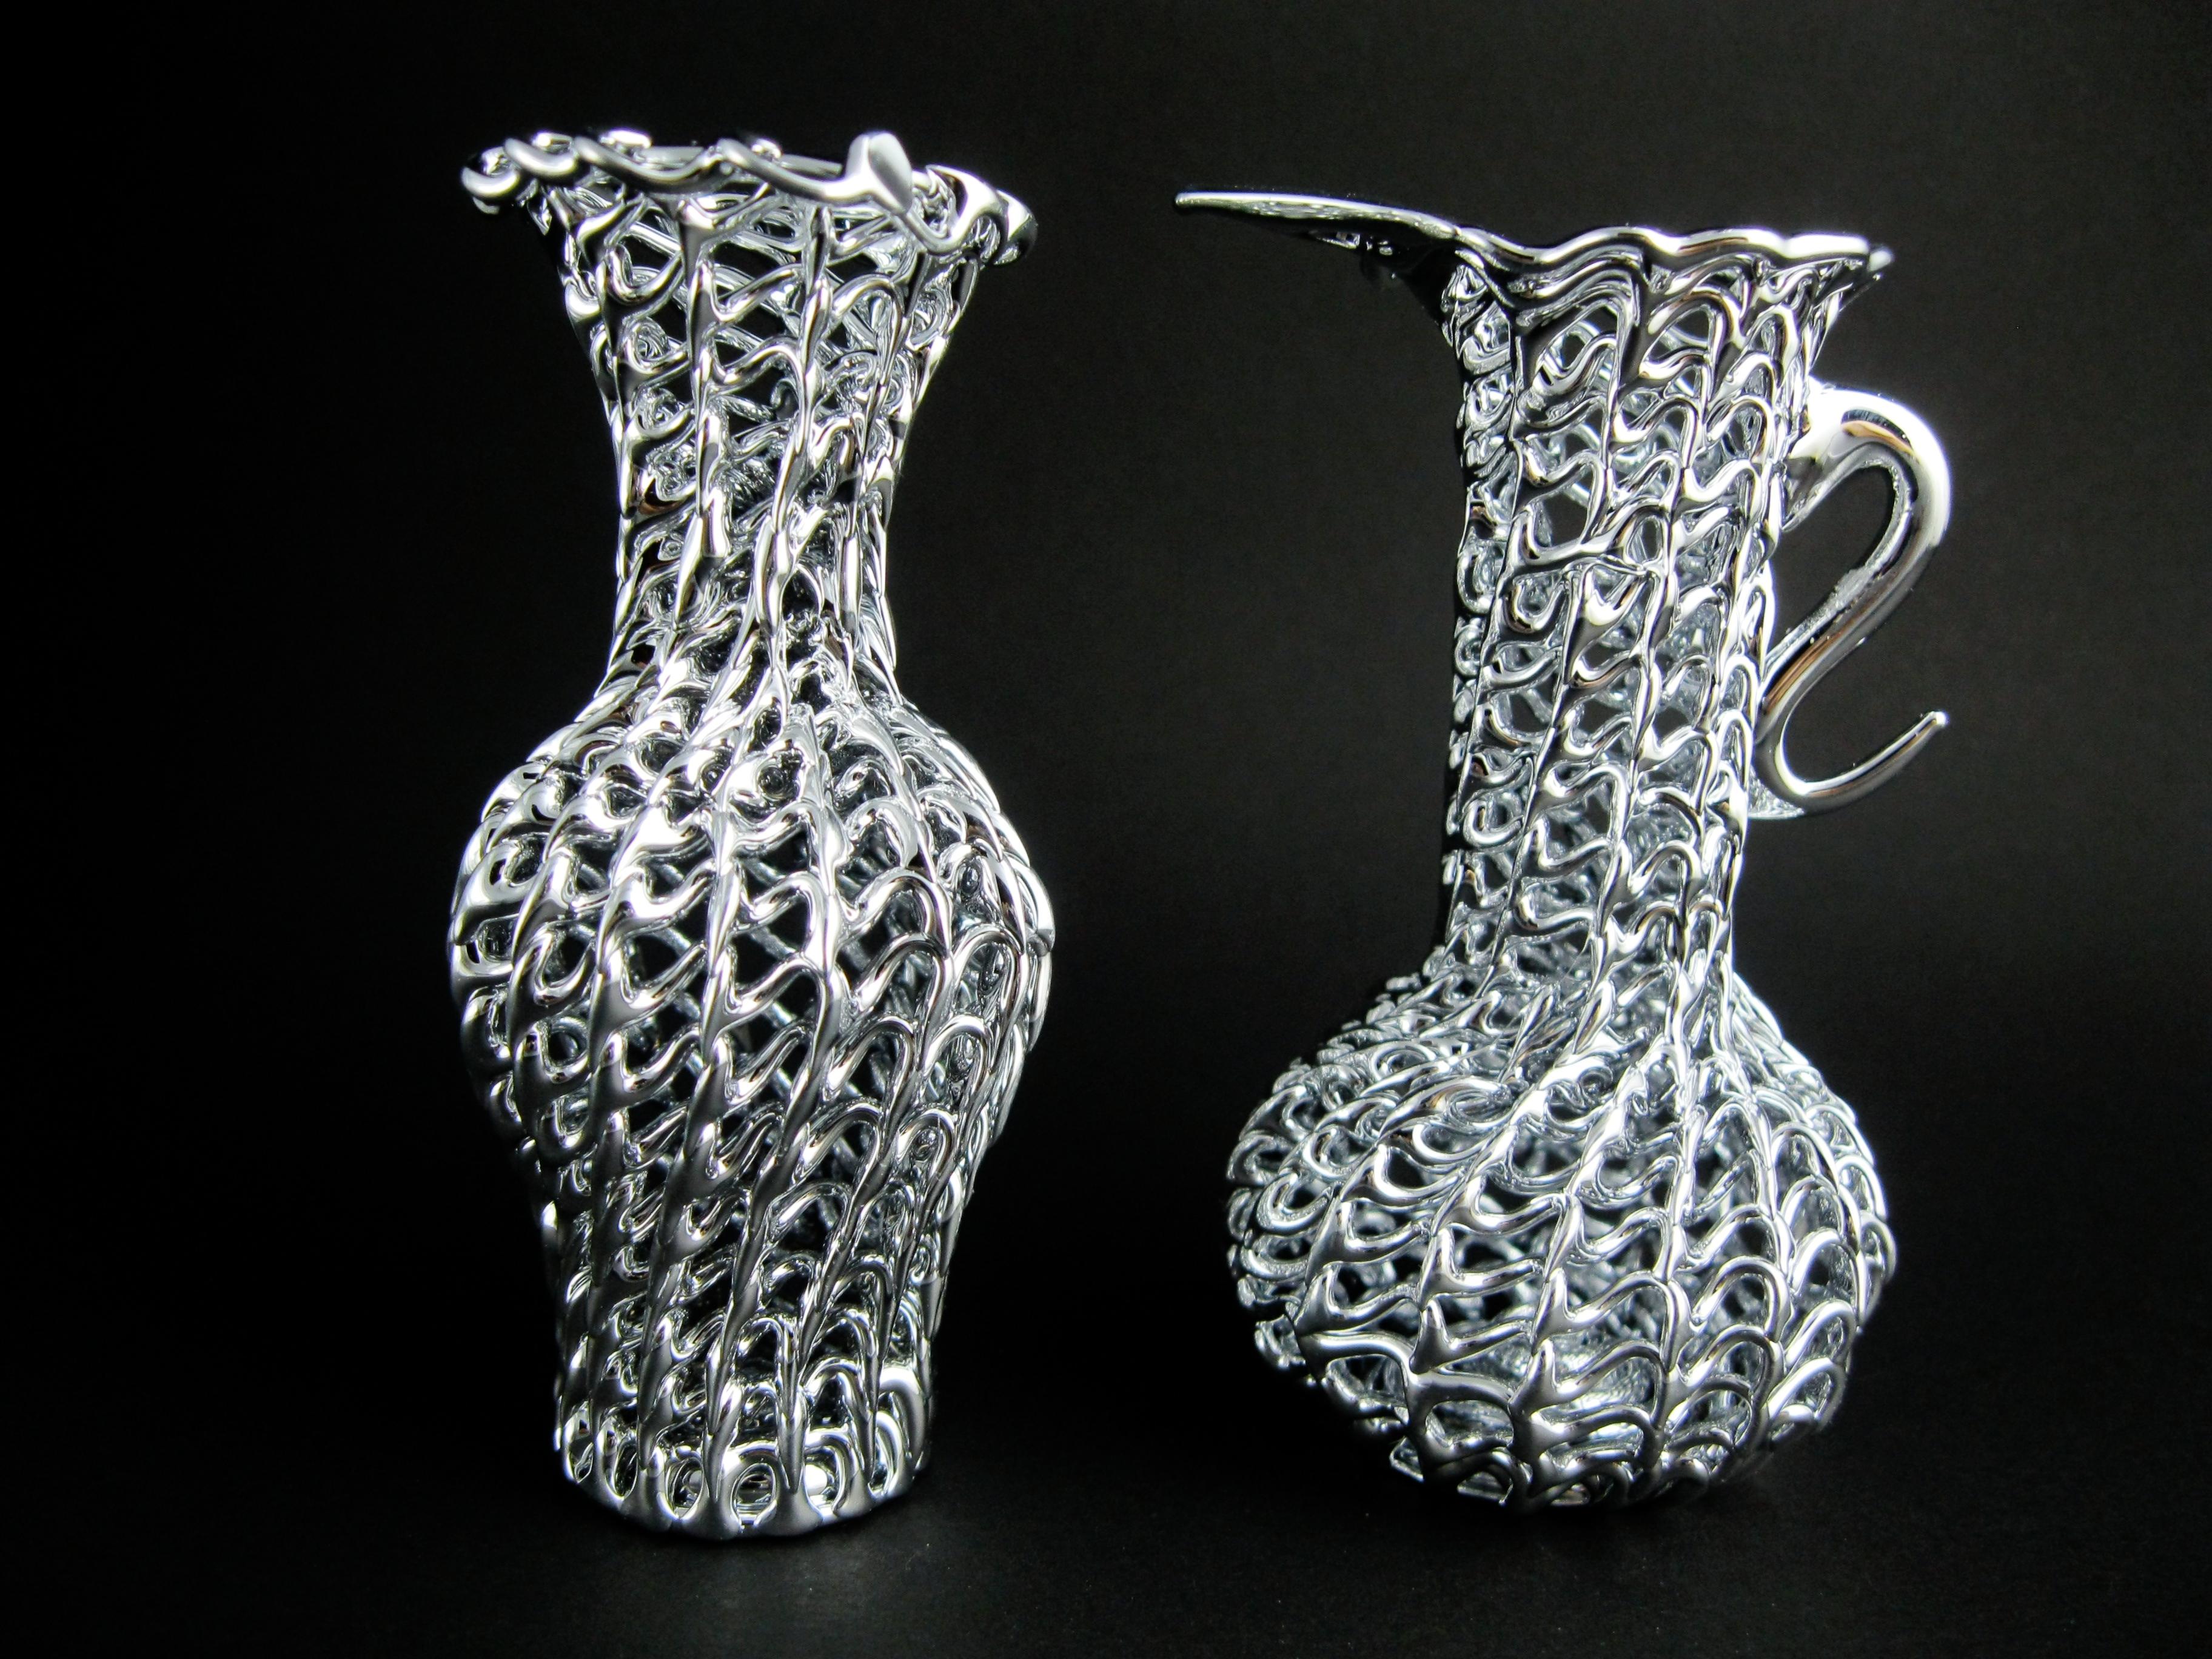 Vasetti anfore vasi vetro argento bomboniere matrimonio for Decorazione vasi